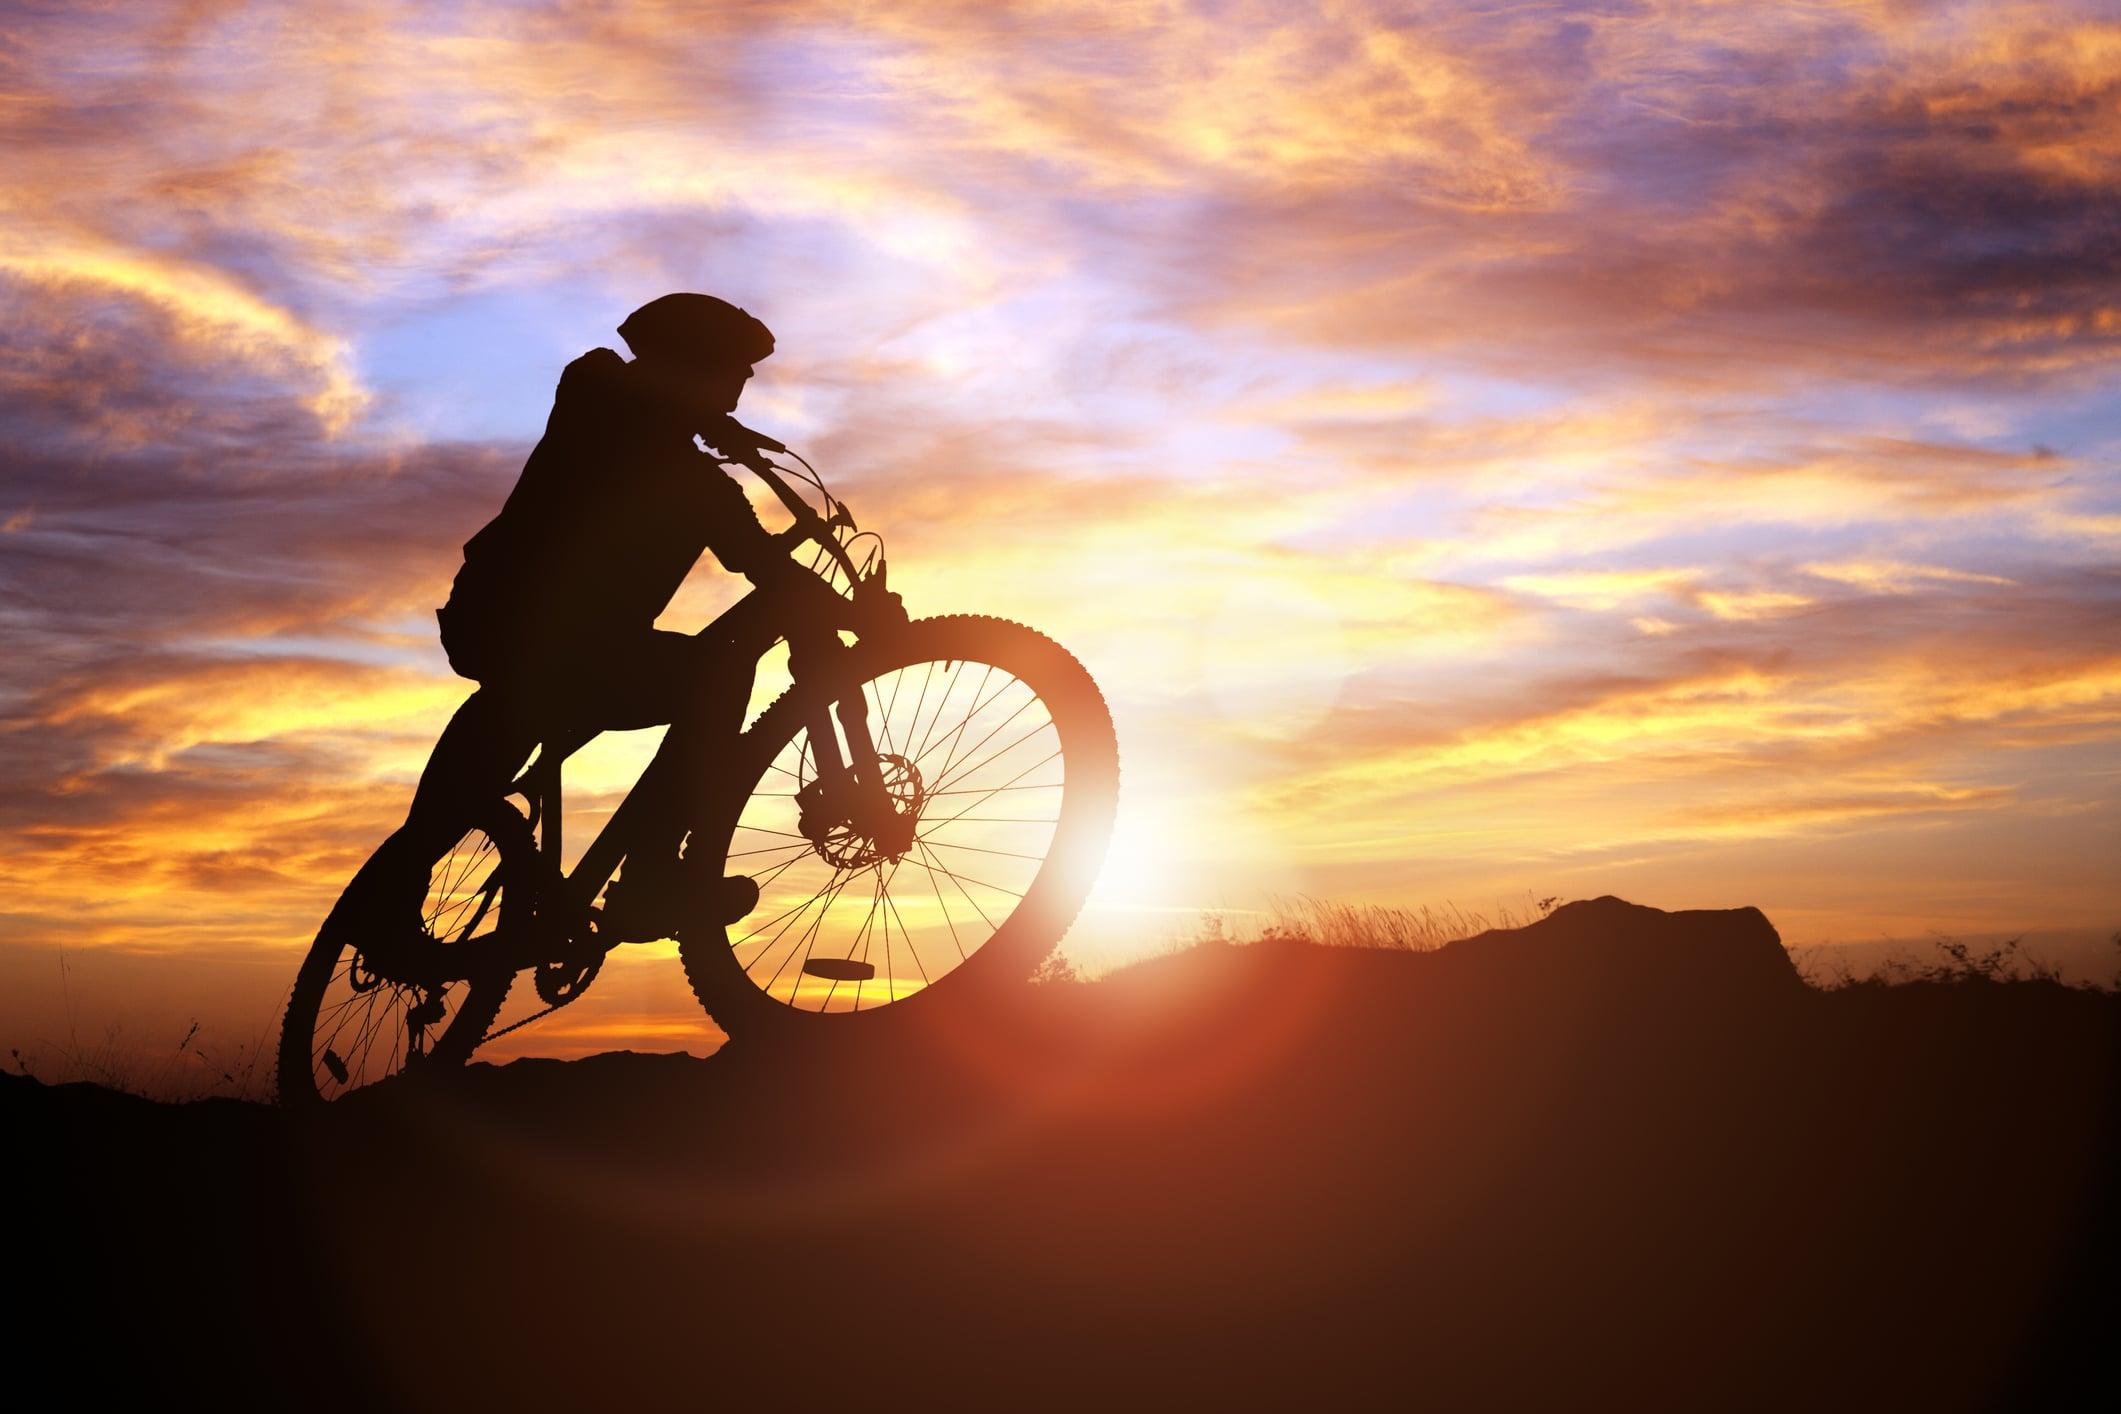 Dude mountain biking at sunset.